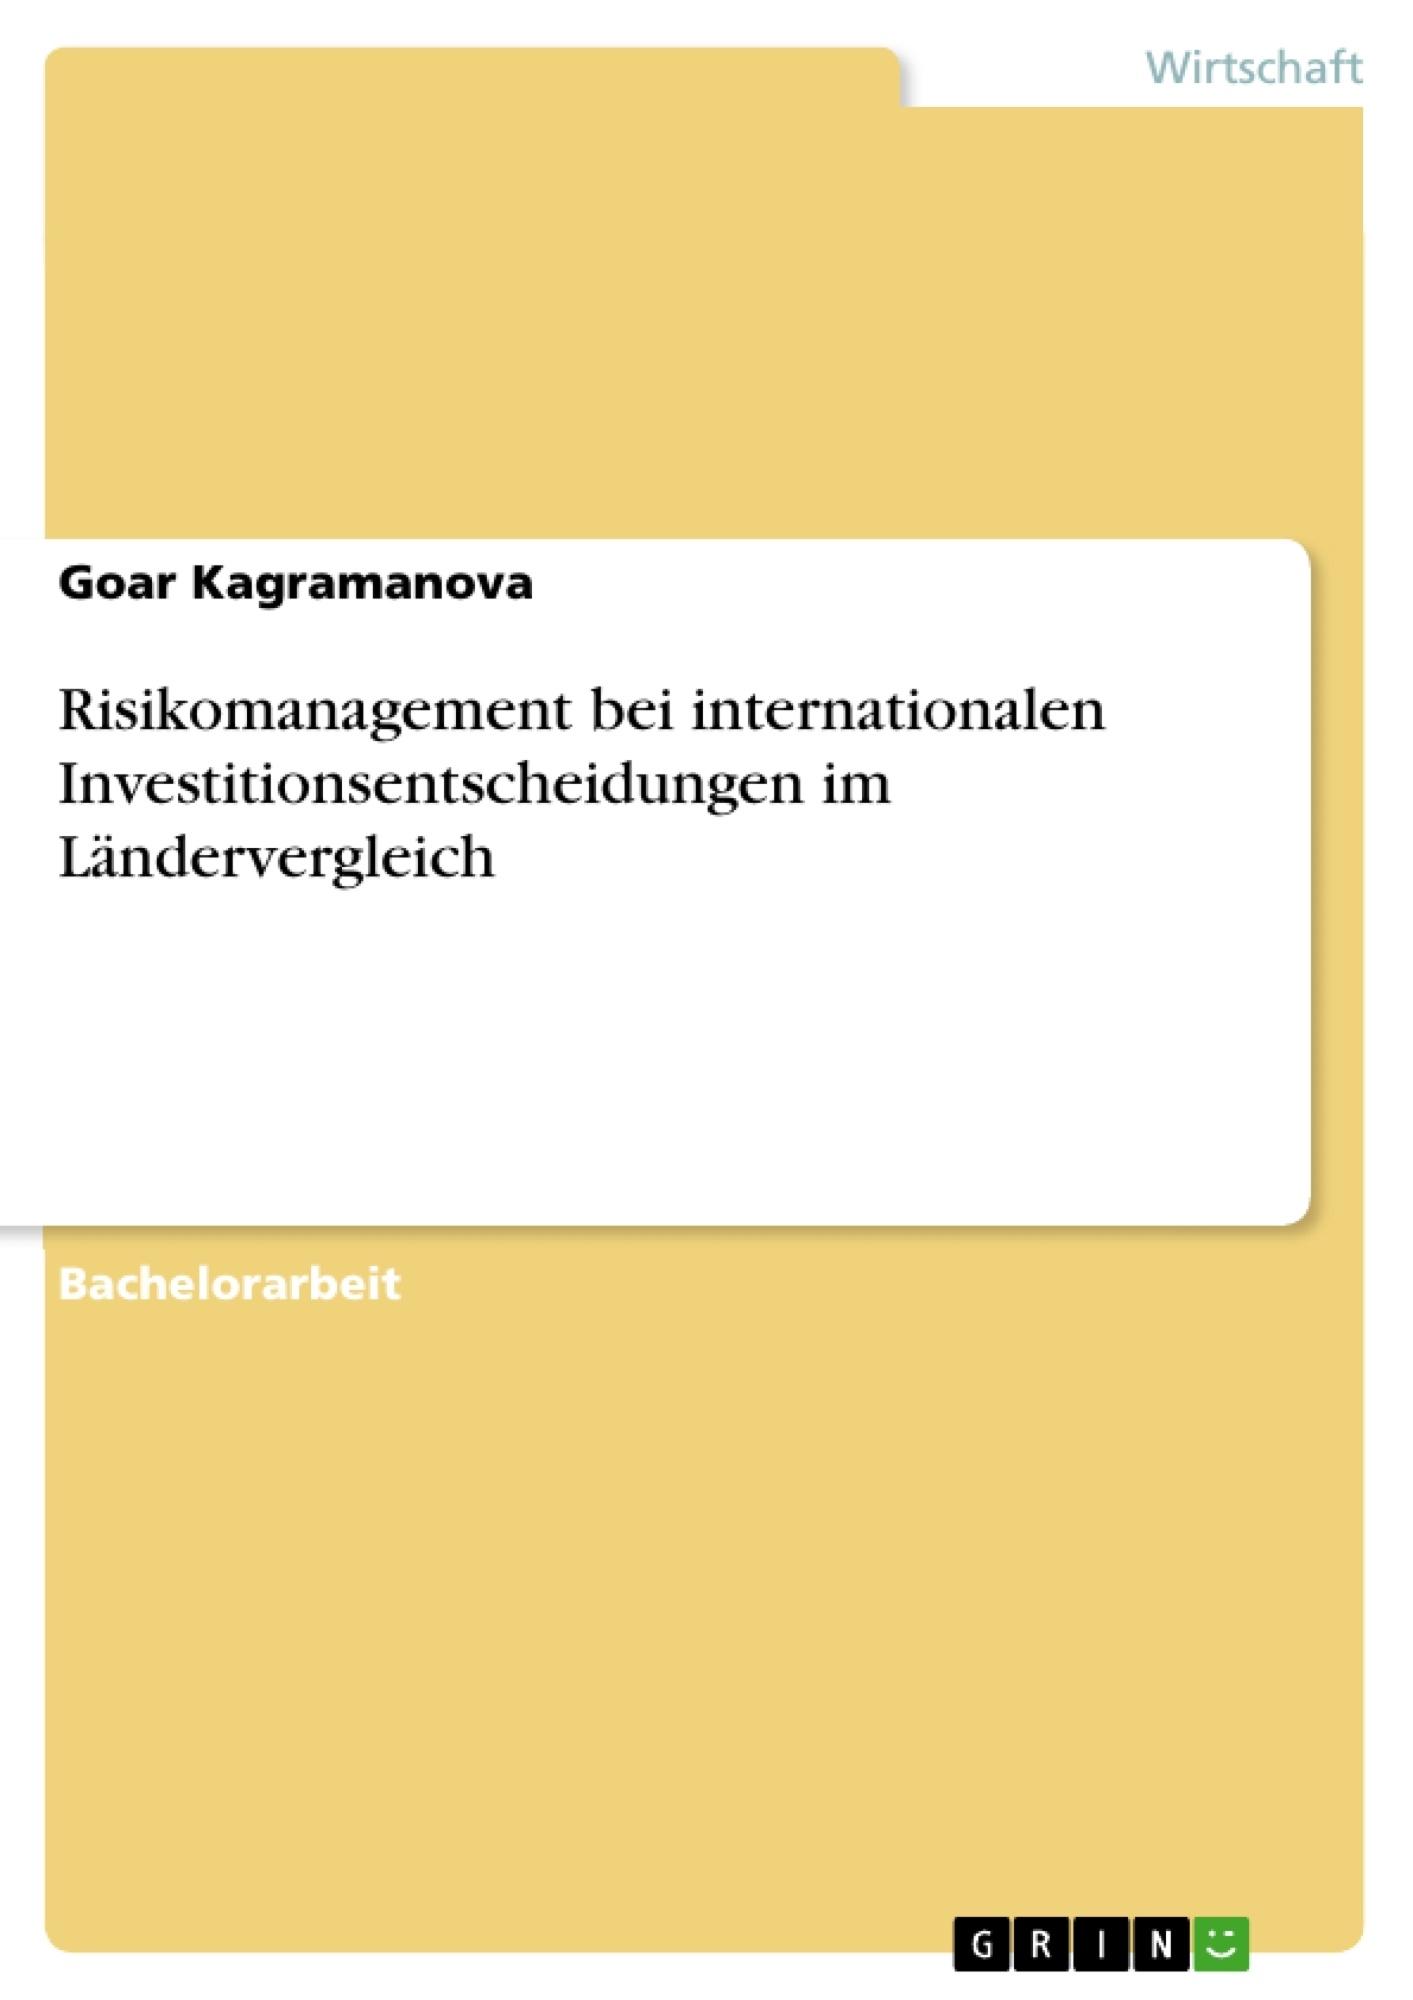 Titel: Risikomanagement bei internationalen Investitionsentscheidungen im Ländervergleich